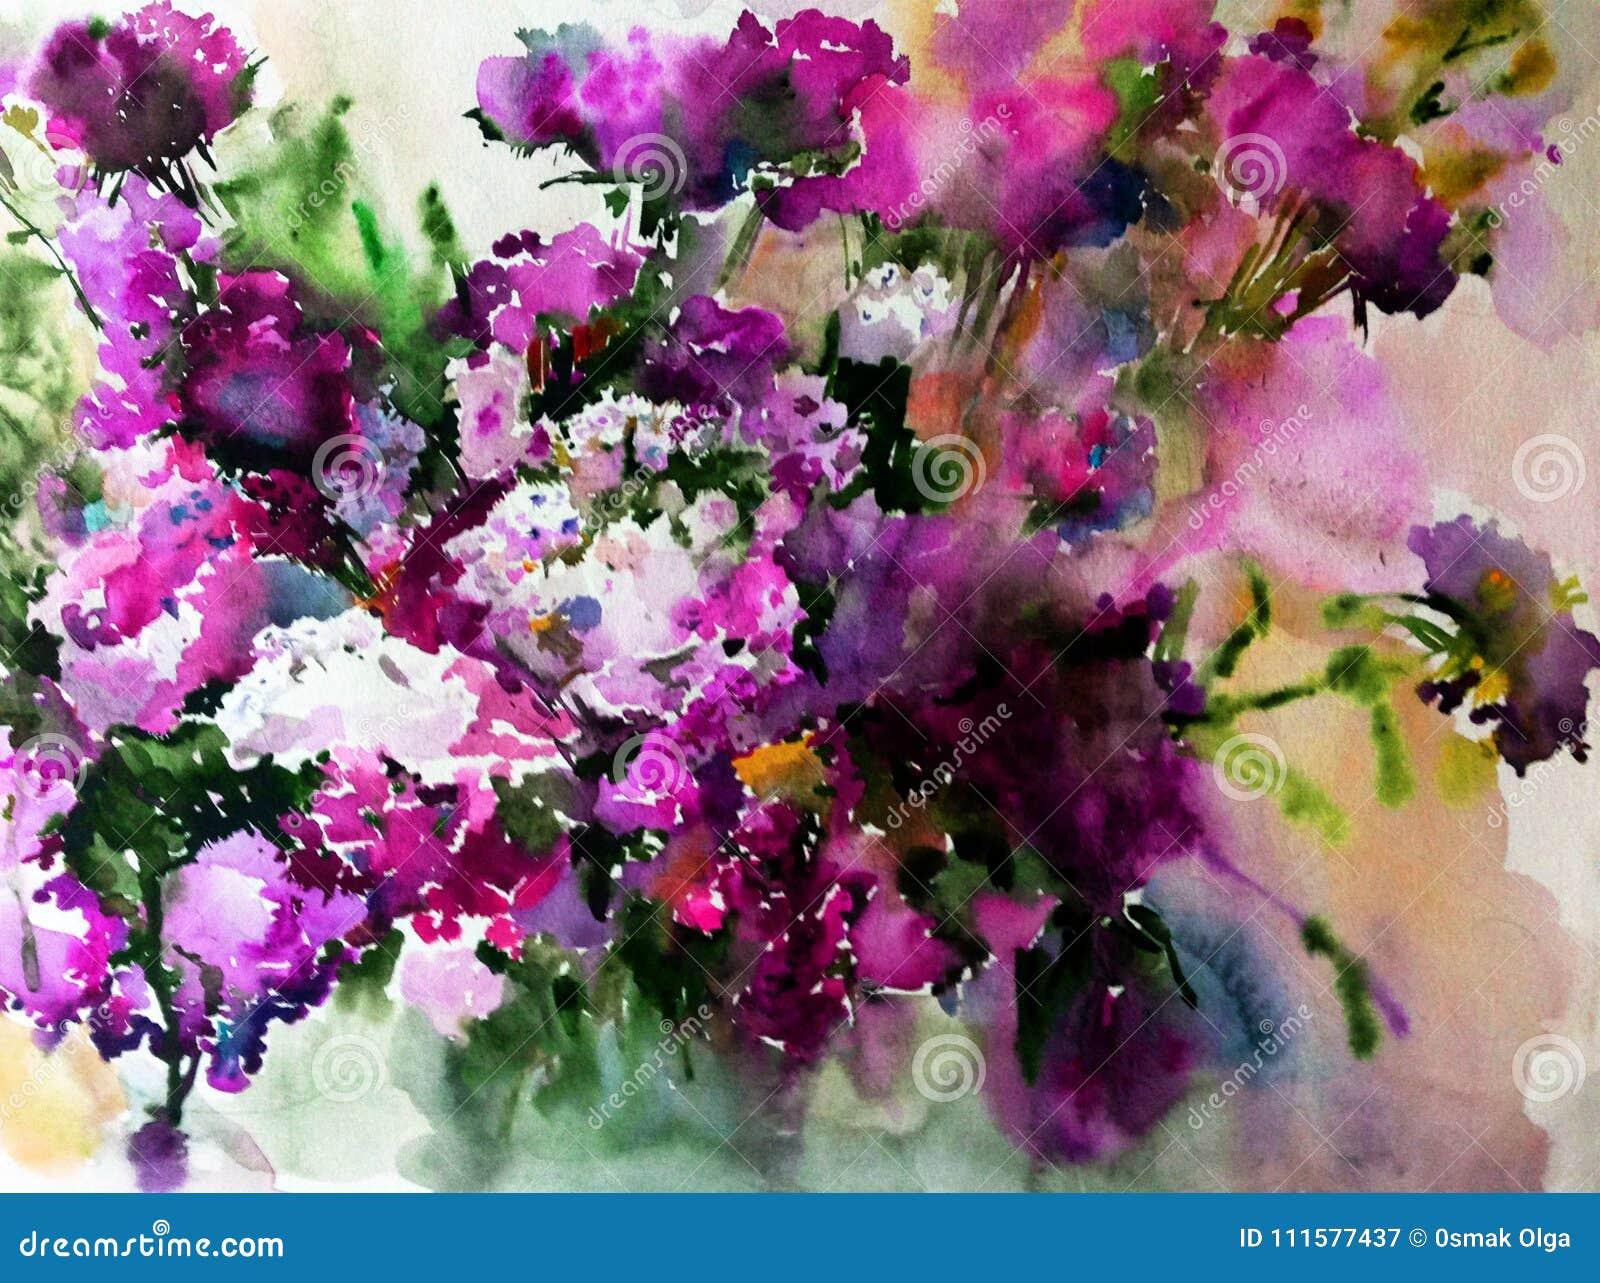 El lavado mojado del lila del fondo del extracto del arte de la acuarela de las flores salvajes del flor de la textura floral de